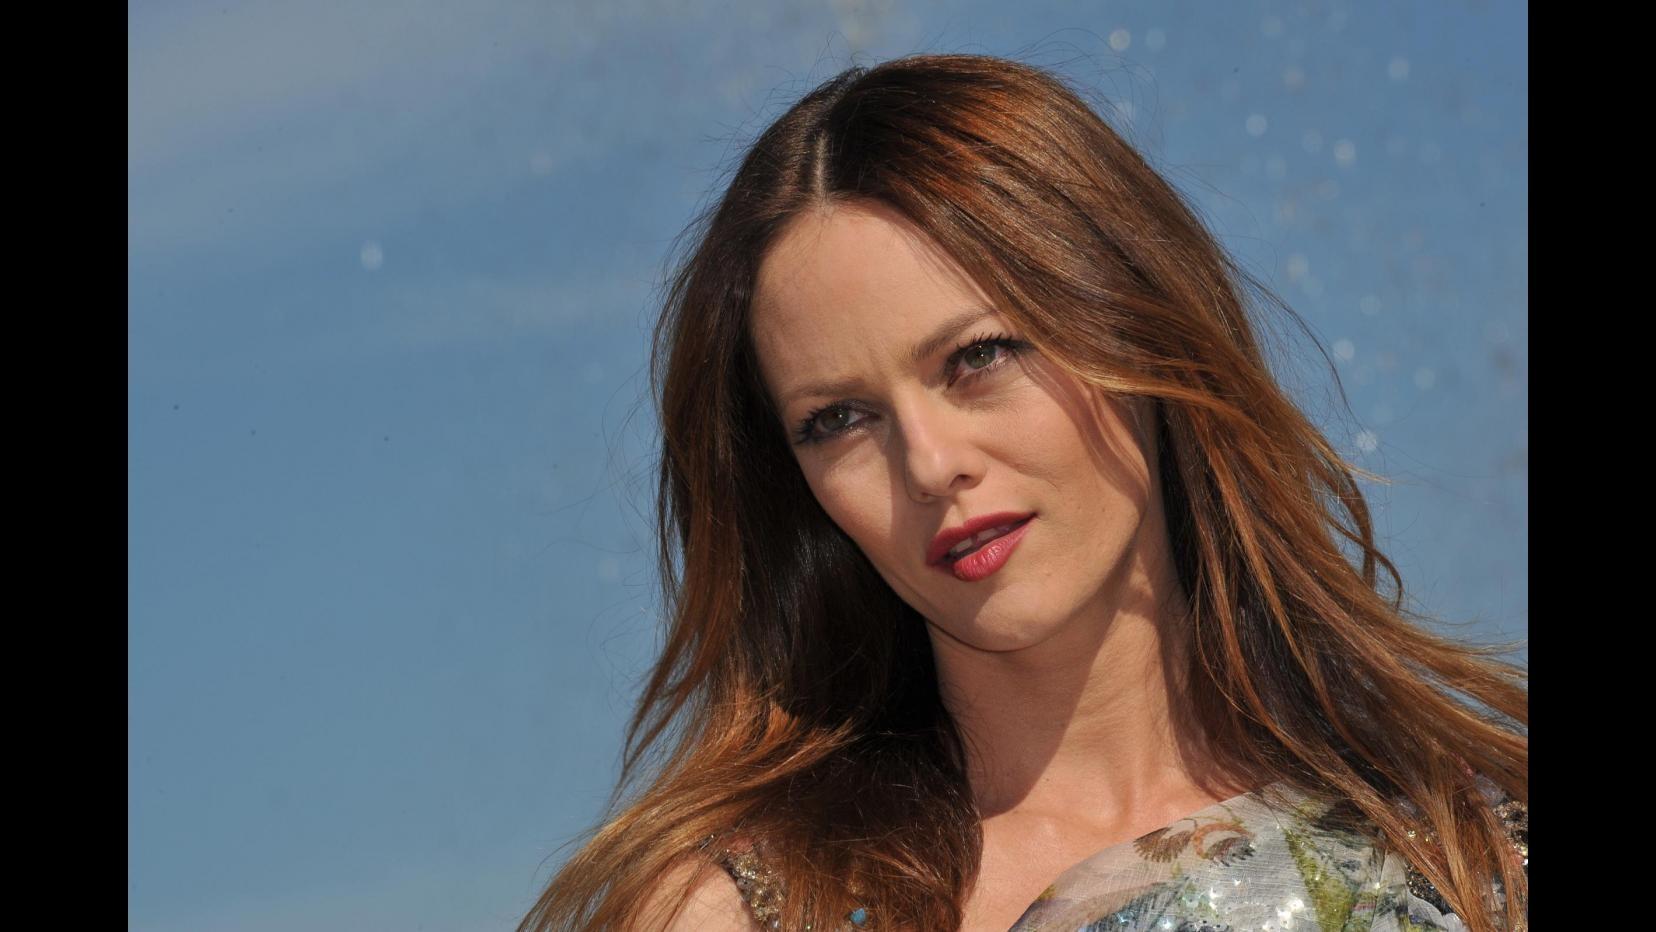 Vanessa Paradis cercava casa da prima della separazione da Johnny Depp